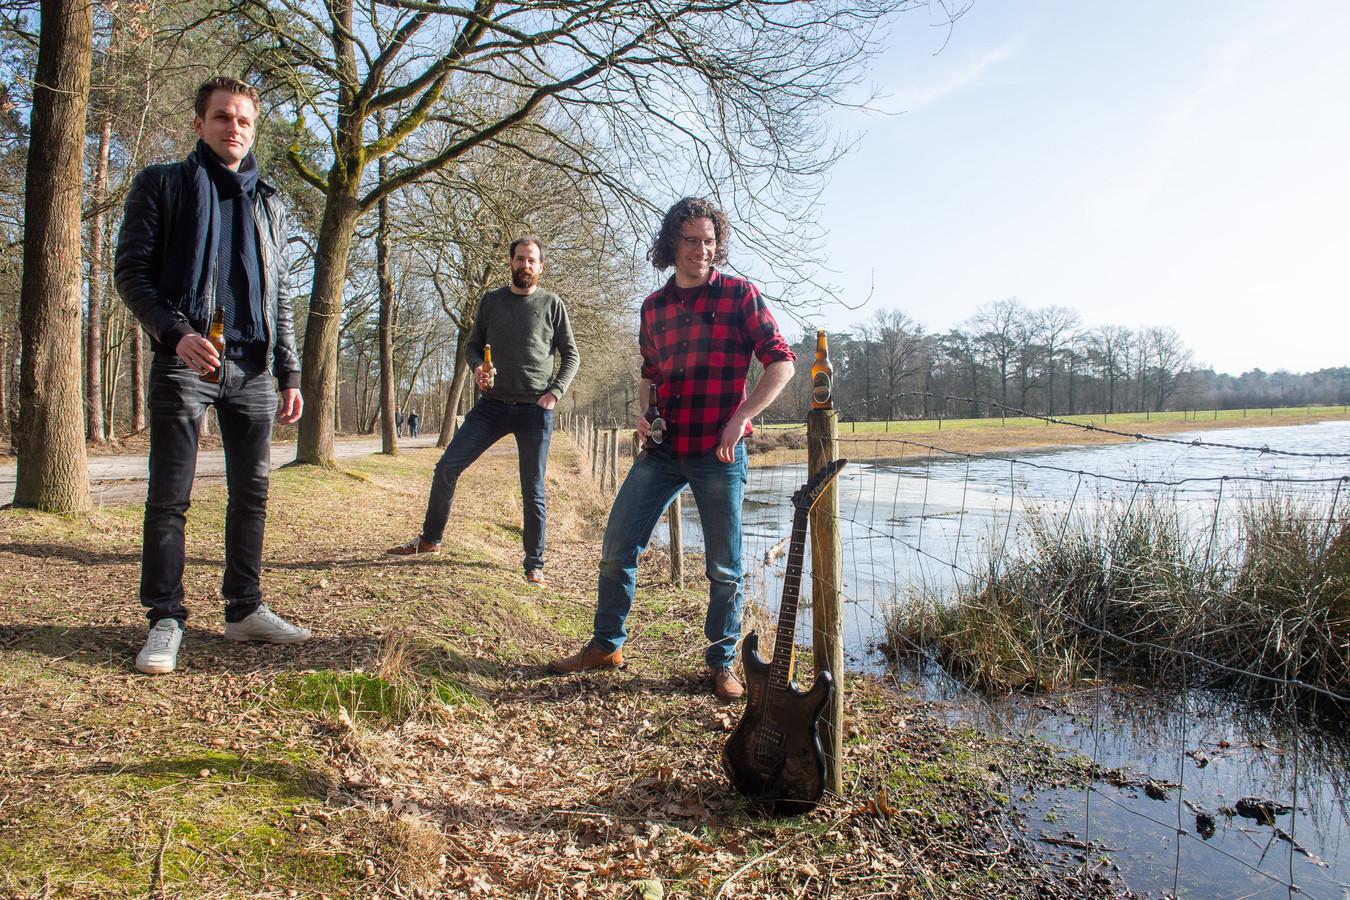 Vlnr Hein Verstappen, Daan van Grimbergen en Jules Calis bij de gitaar van Seppo van Merkom. Dit is de plek in het Mastbos waar zij de herinnering aan Seppo levend houden.